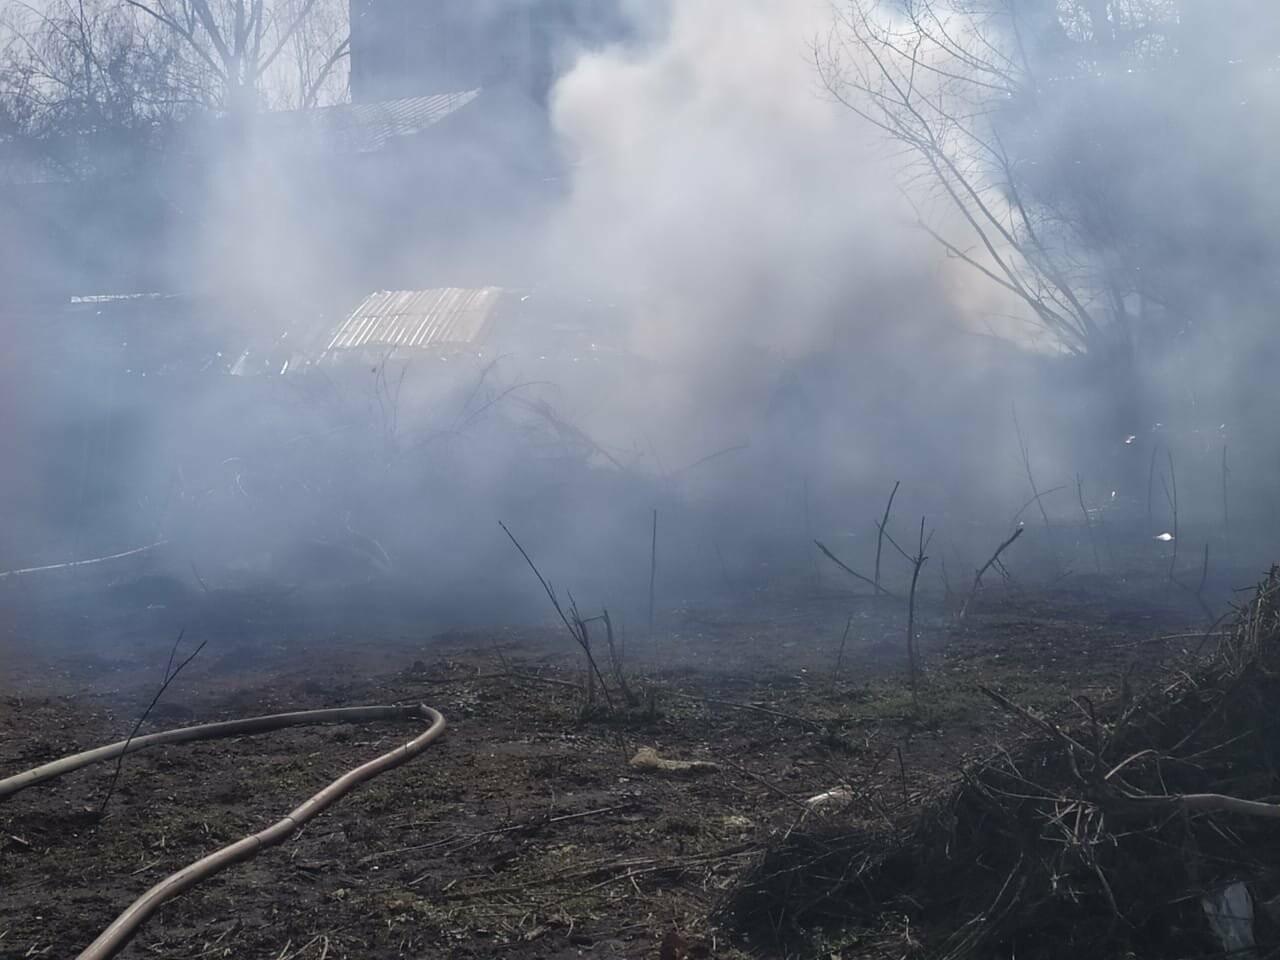 В центре Тамбова крупный пожар: горят надворные постройки, фото-3